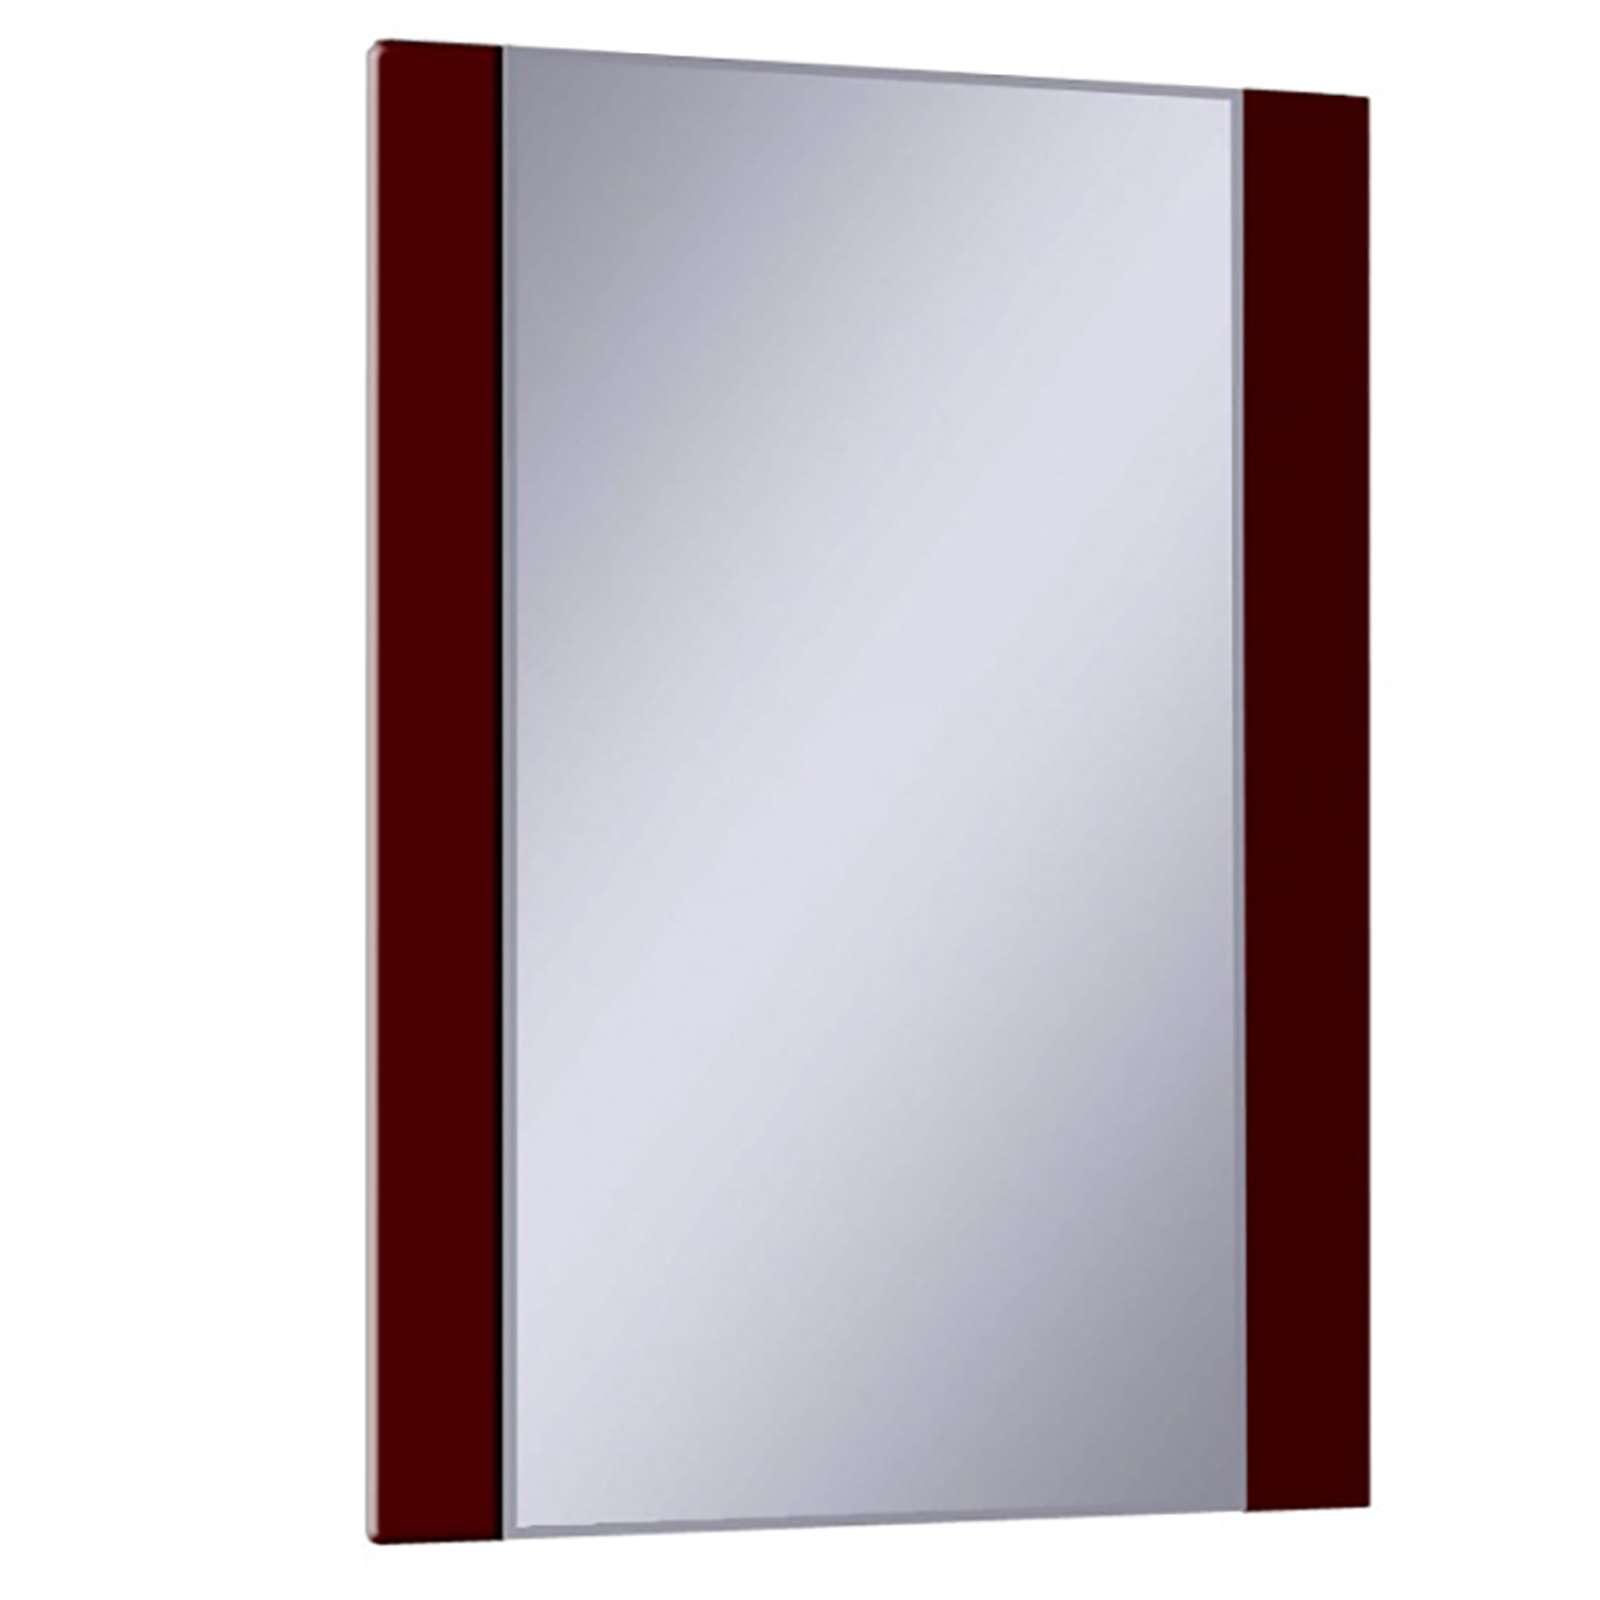 Зеркало Акватон Ария 50 тёмно-коричневое (1A140102AA430)